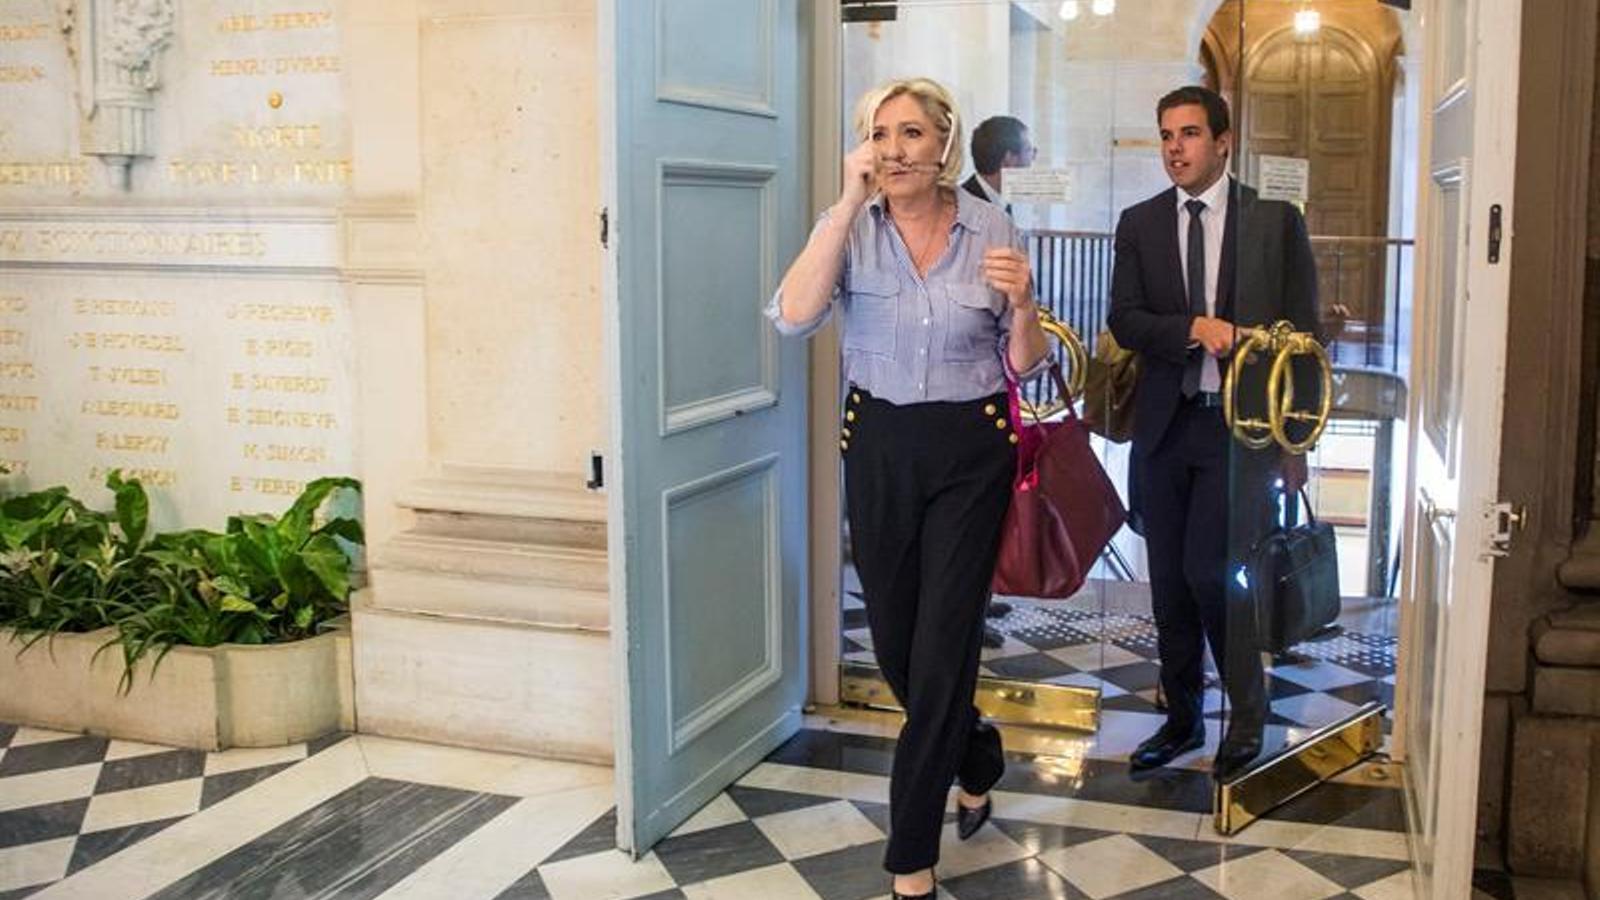 Marine Le Pen entrant en l'Assemblea Nacional